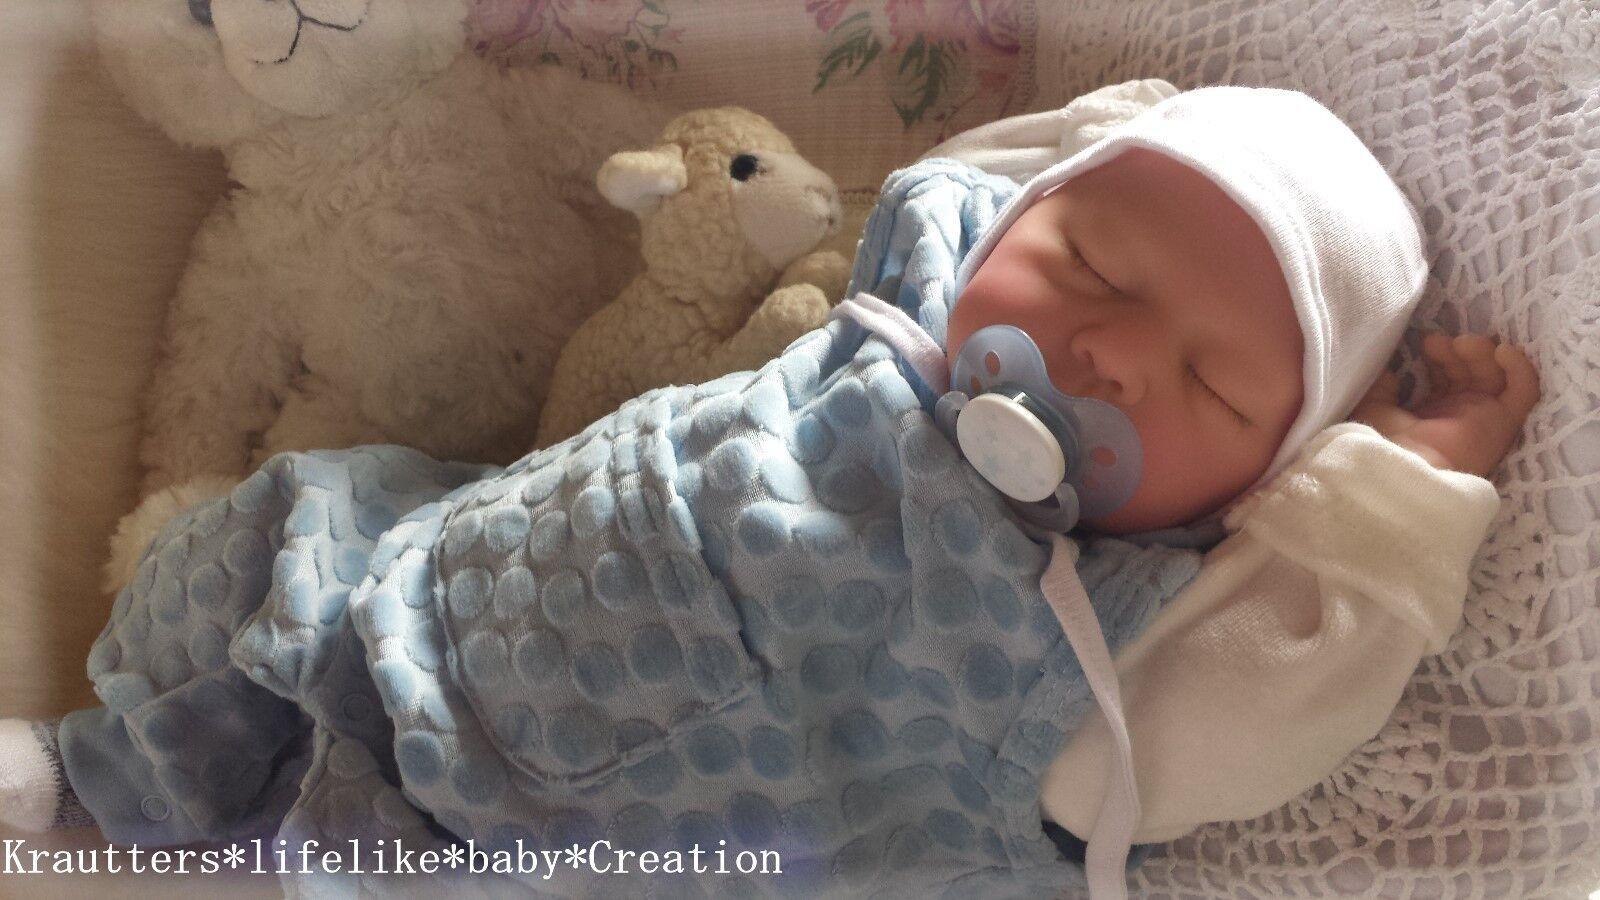 ️BabyBoy ️Reborn Reallife Baby Boy BS von U.L Krautter Babypuppe Doll♥✨